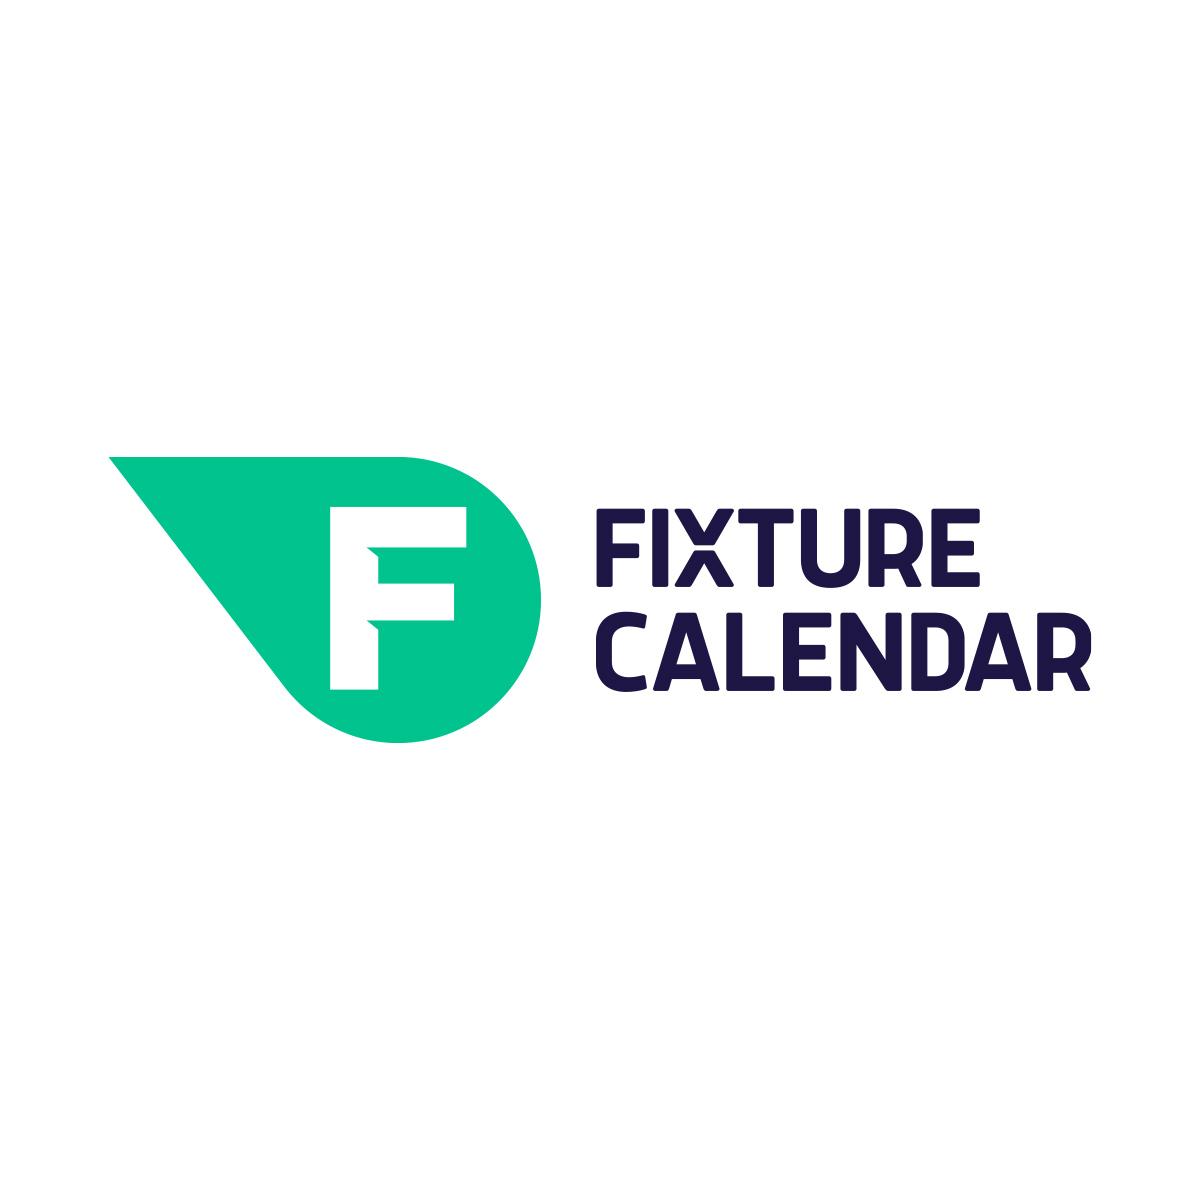 Various-Logos_FC